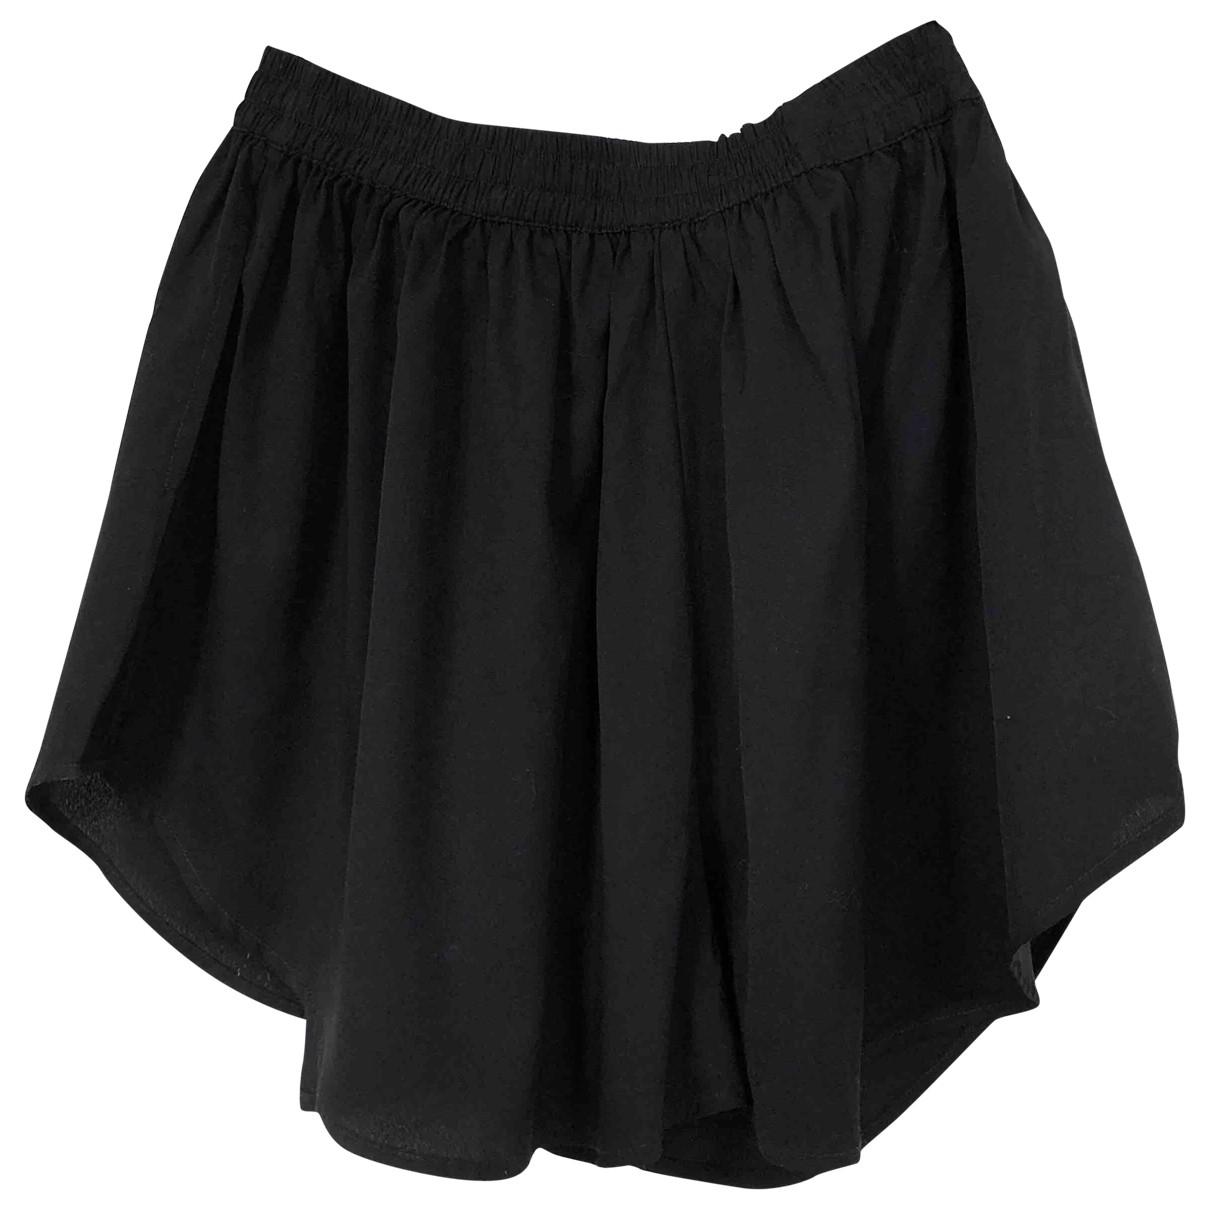 By Zoe \N Black Shorts for Women 1 0-5